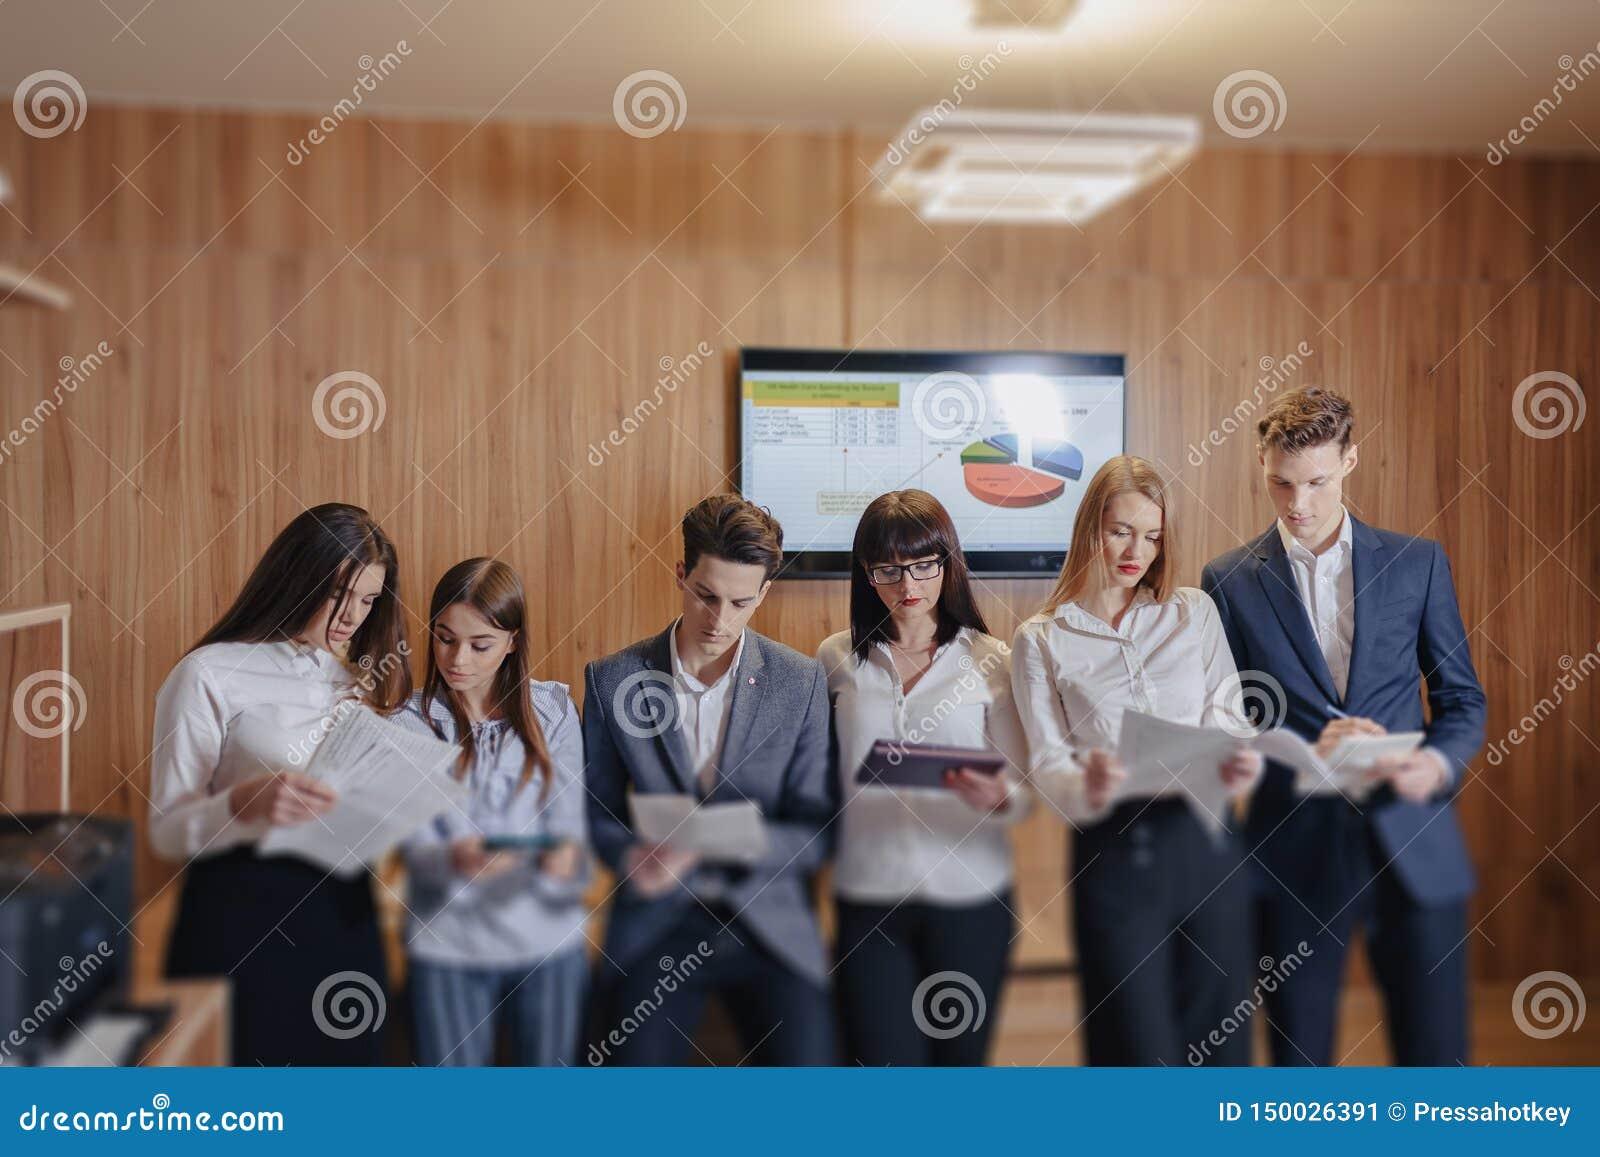 La grande ?quipe de personnes travaille ? une table pour les ordinateurs portables, comprim?s et papiers, sur le fond un grand po